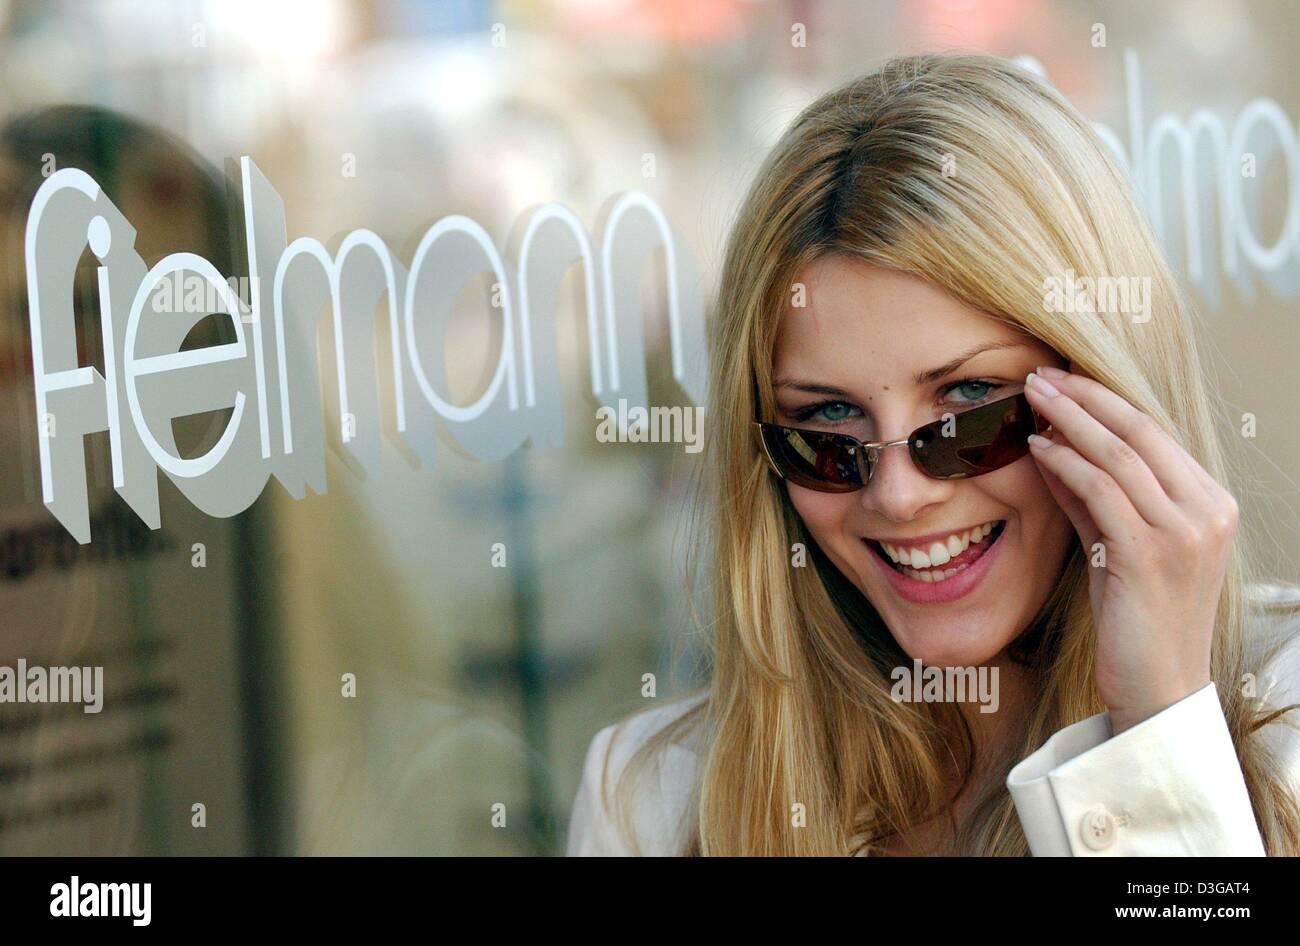 359e30c553 (Dpa) - Modelo Teresa sonríe mientras presenta un par de gafas de sol por  Fielmann AG, con sede en Hamburgo, Alemania, el 28 de abril de 2004.